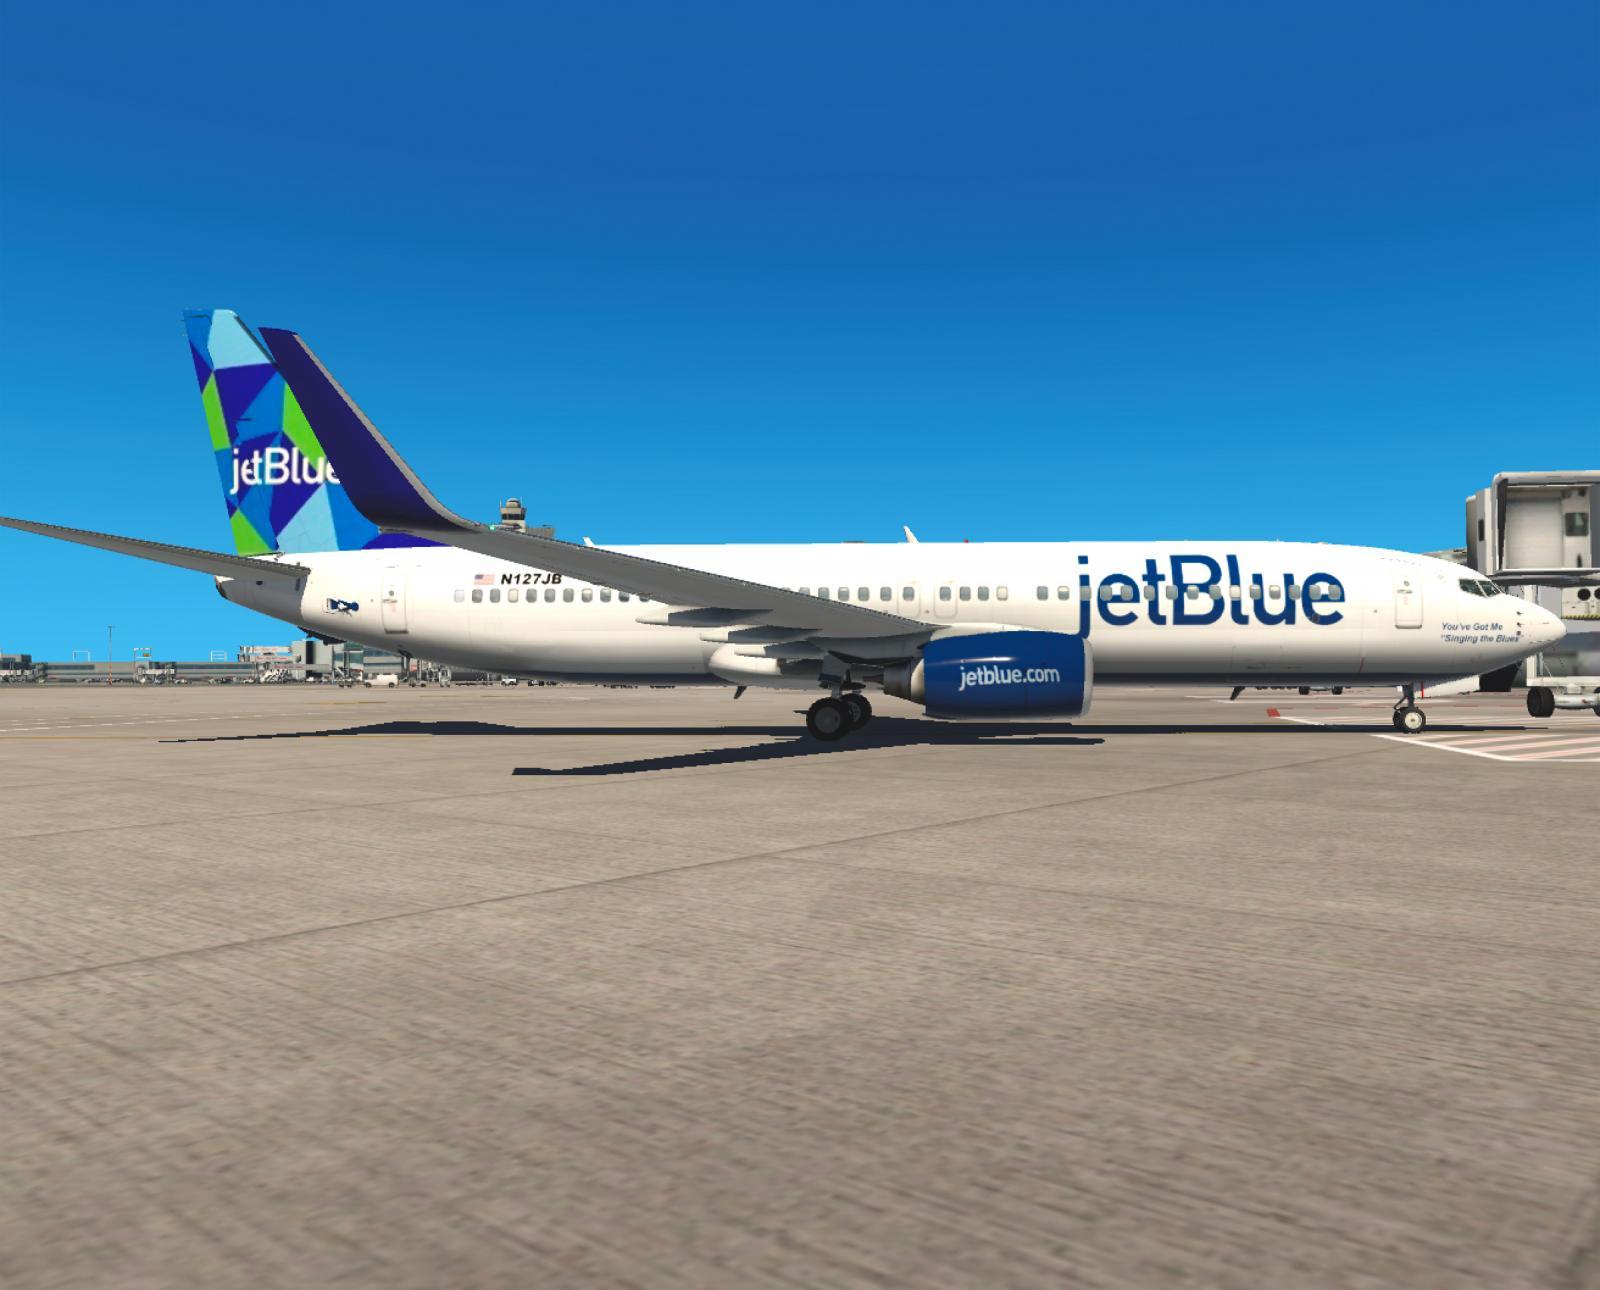 jetBlue (Mint) - Boeing 737-800 (Default) (Zibo) X-Plane 11